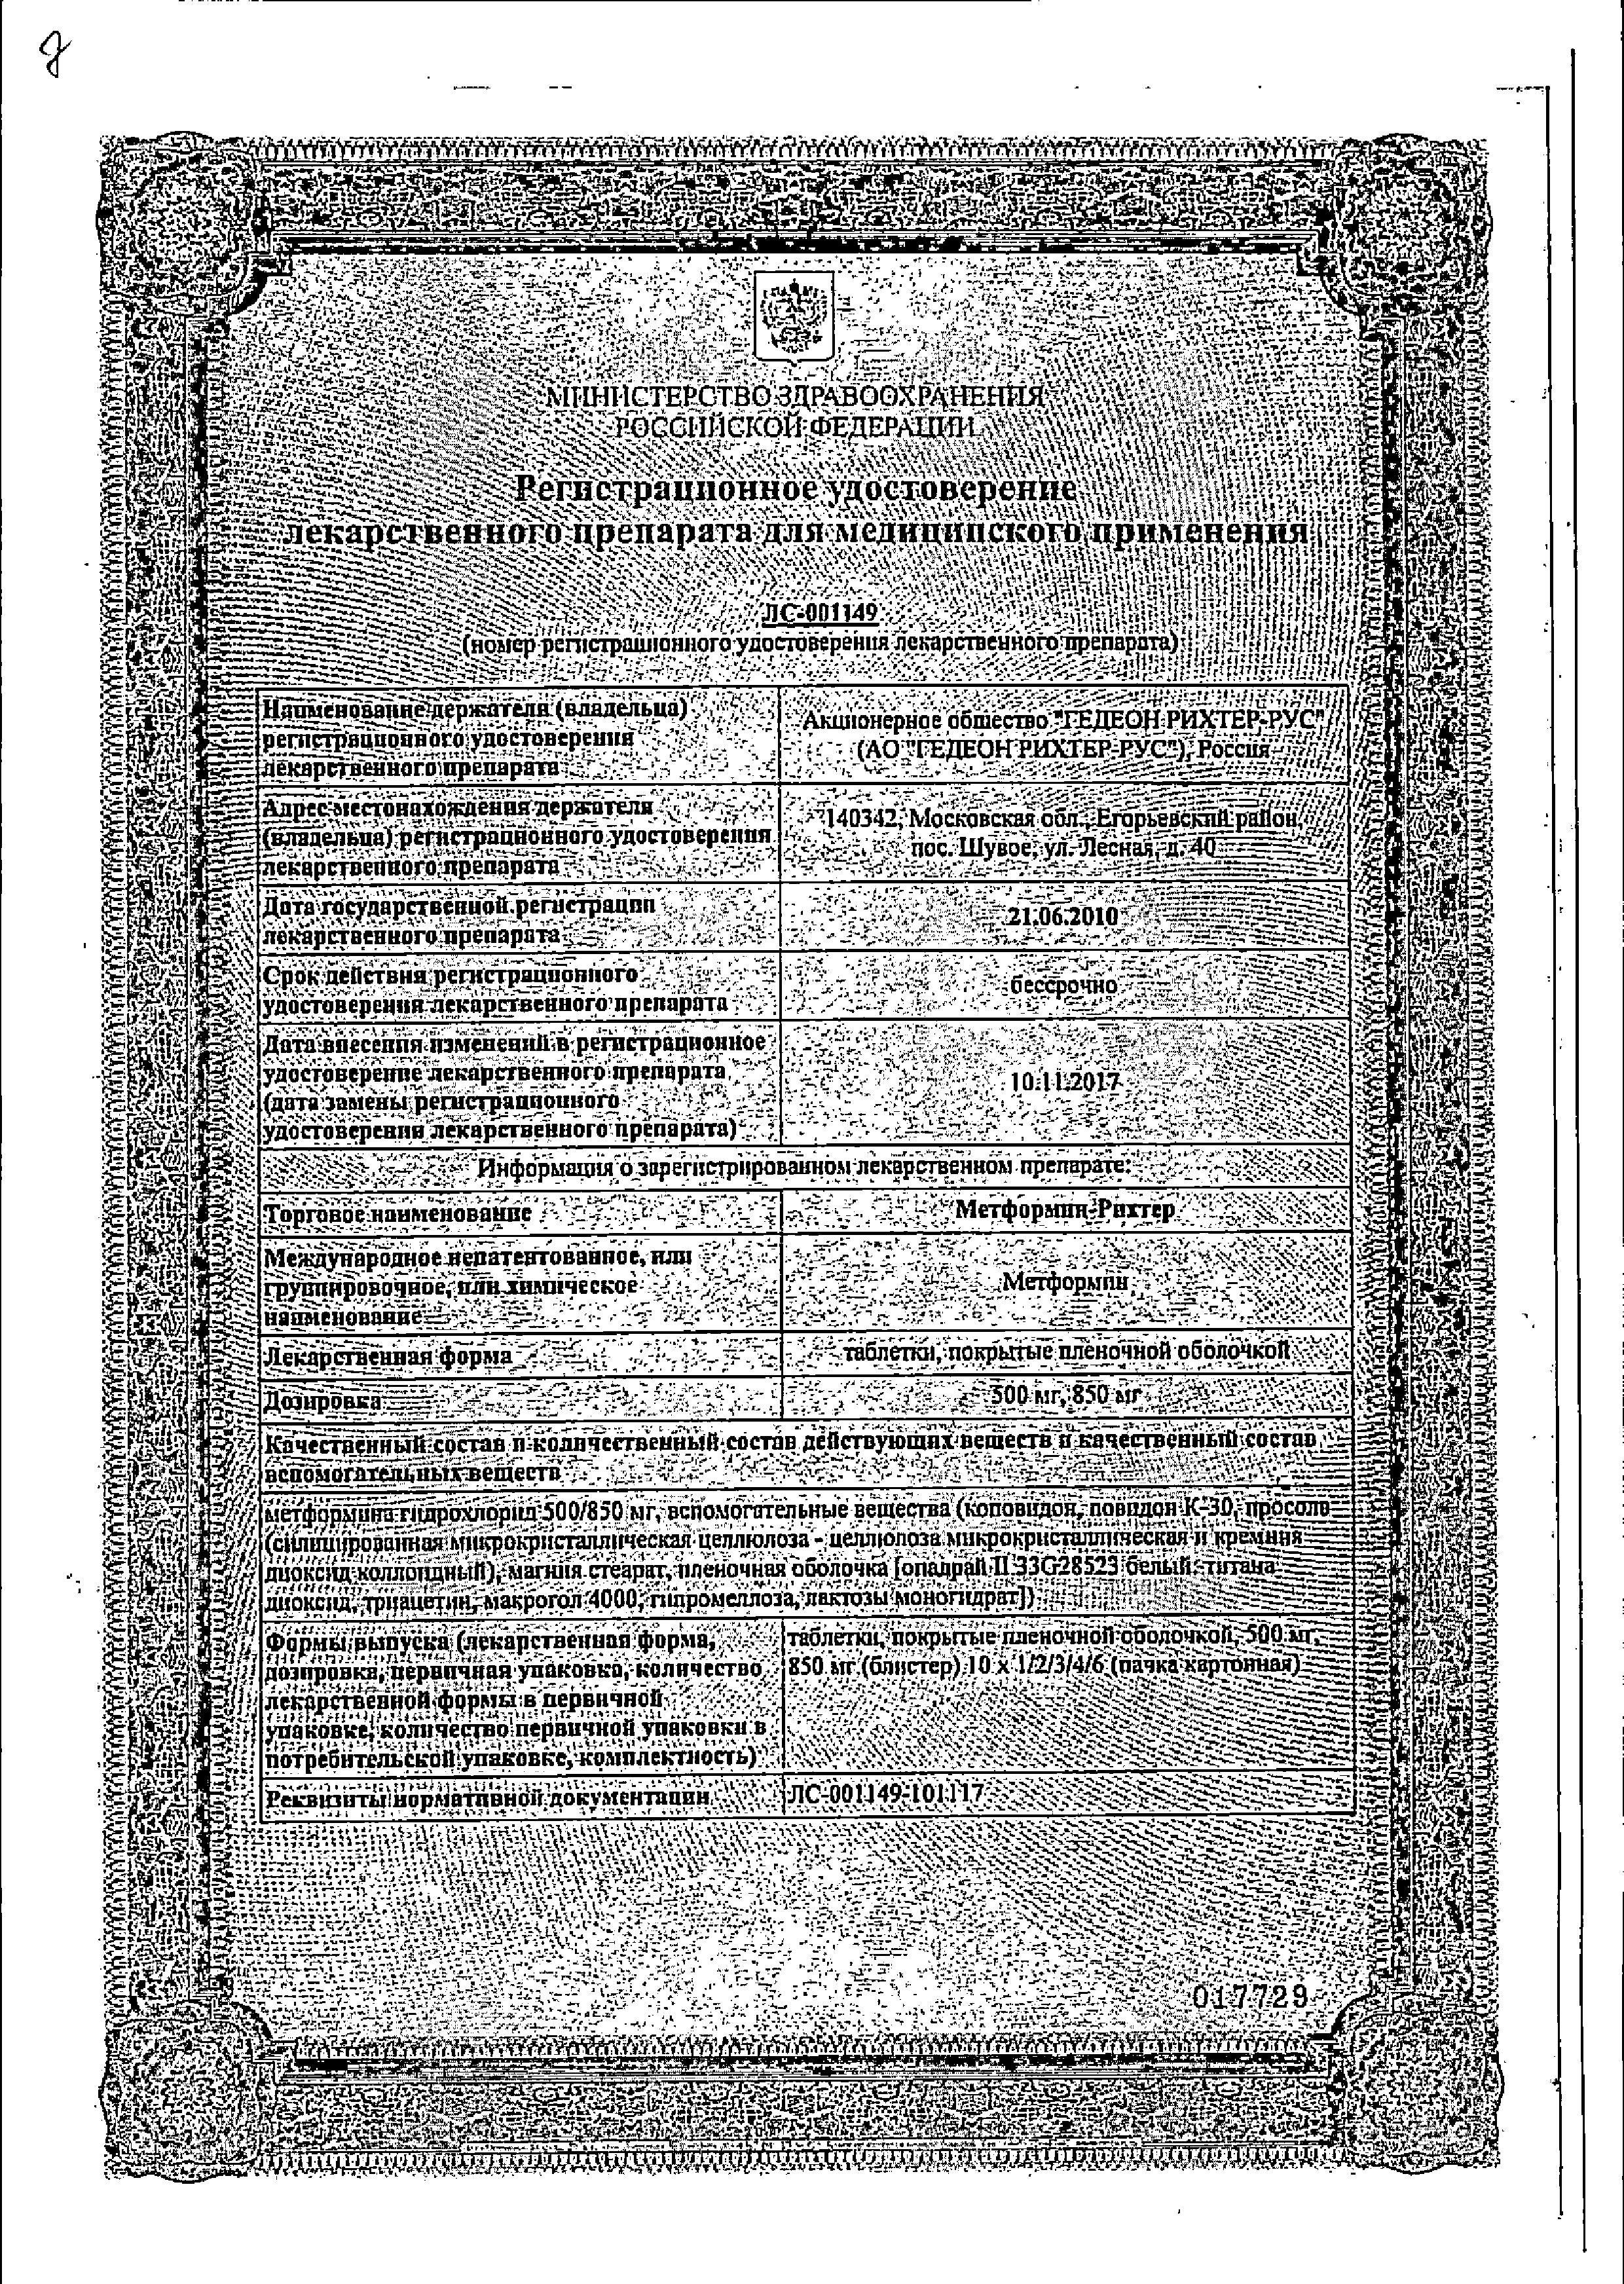 Метформин-Рихтер сертификат